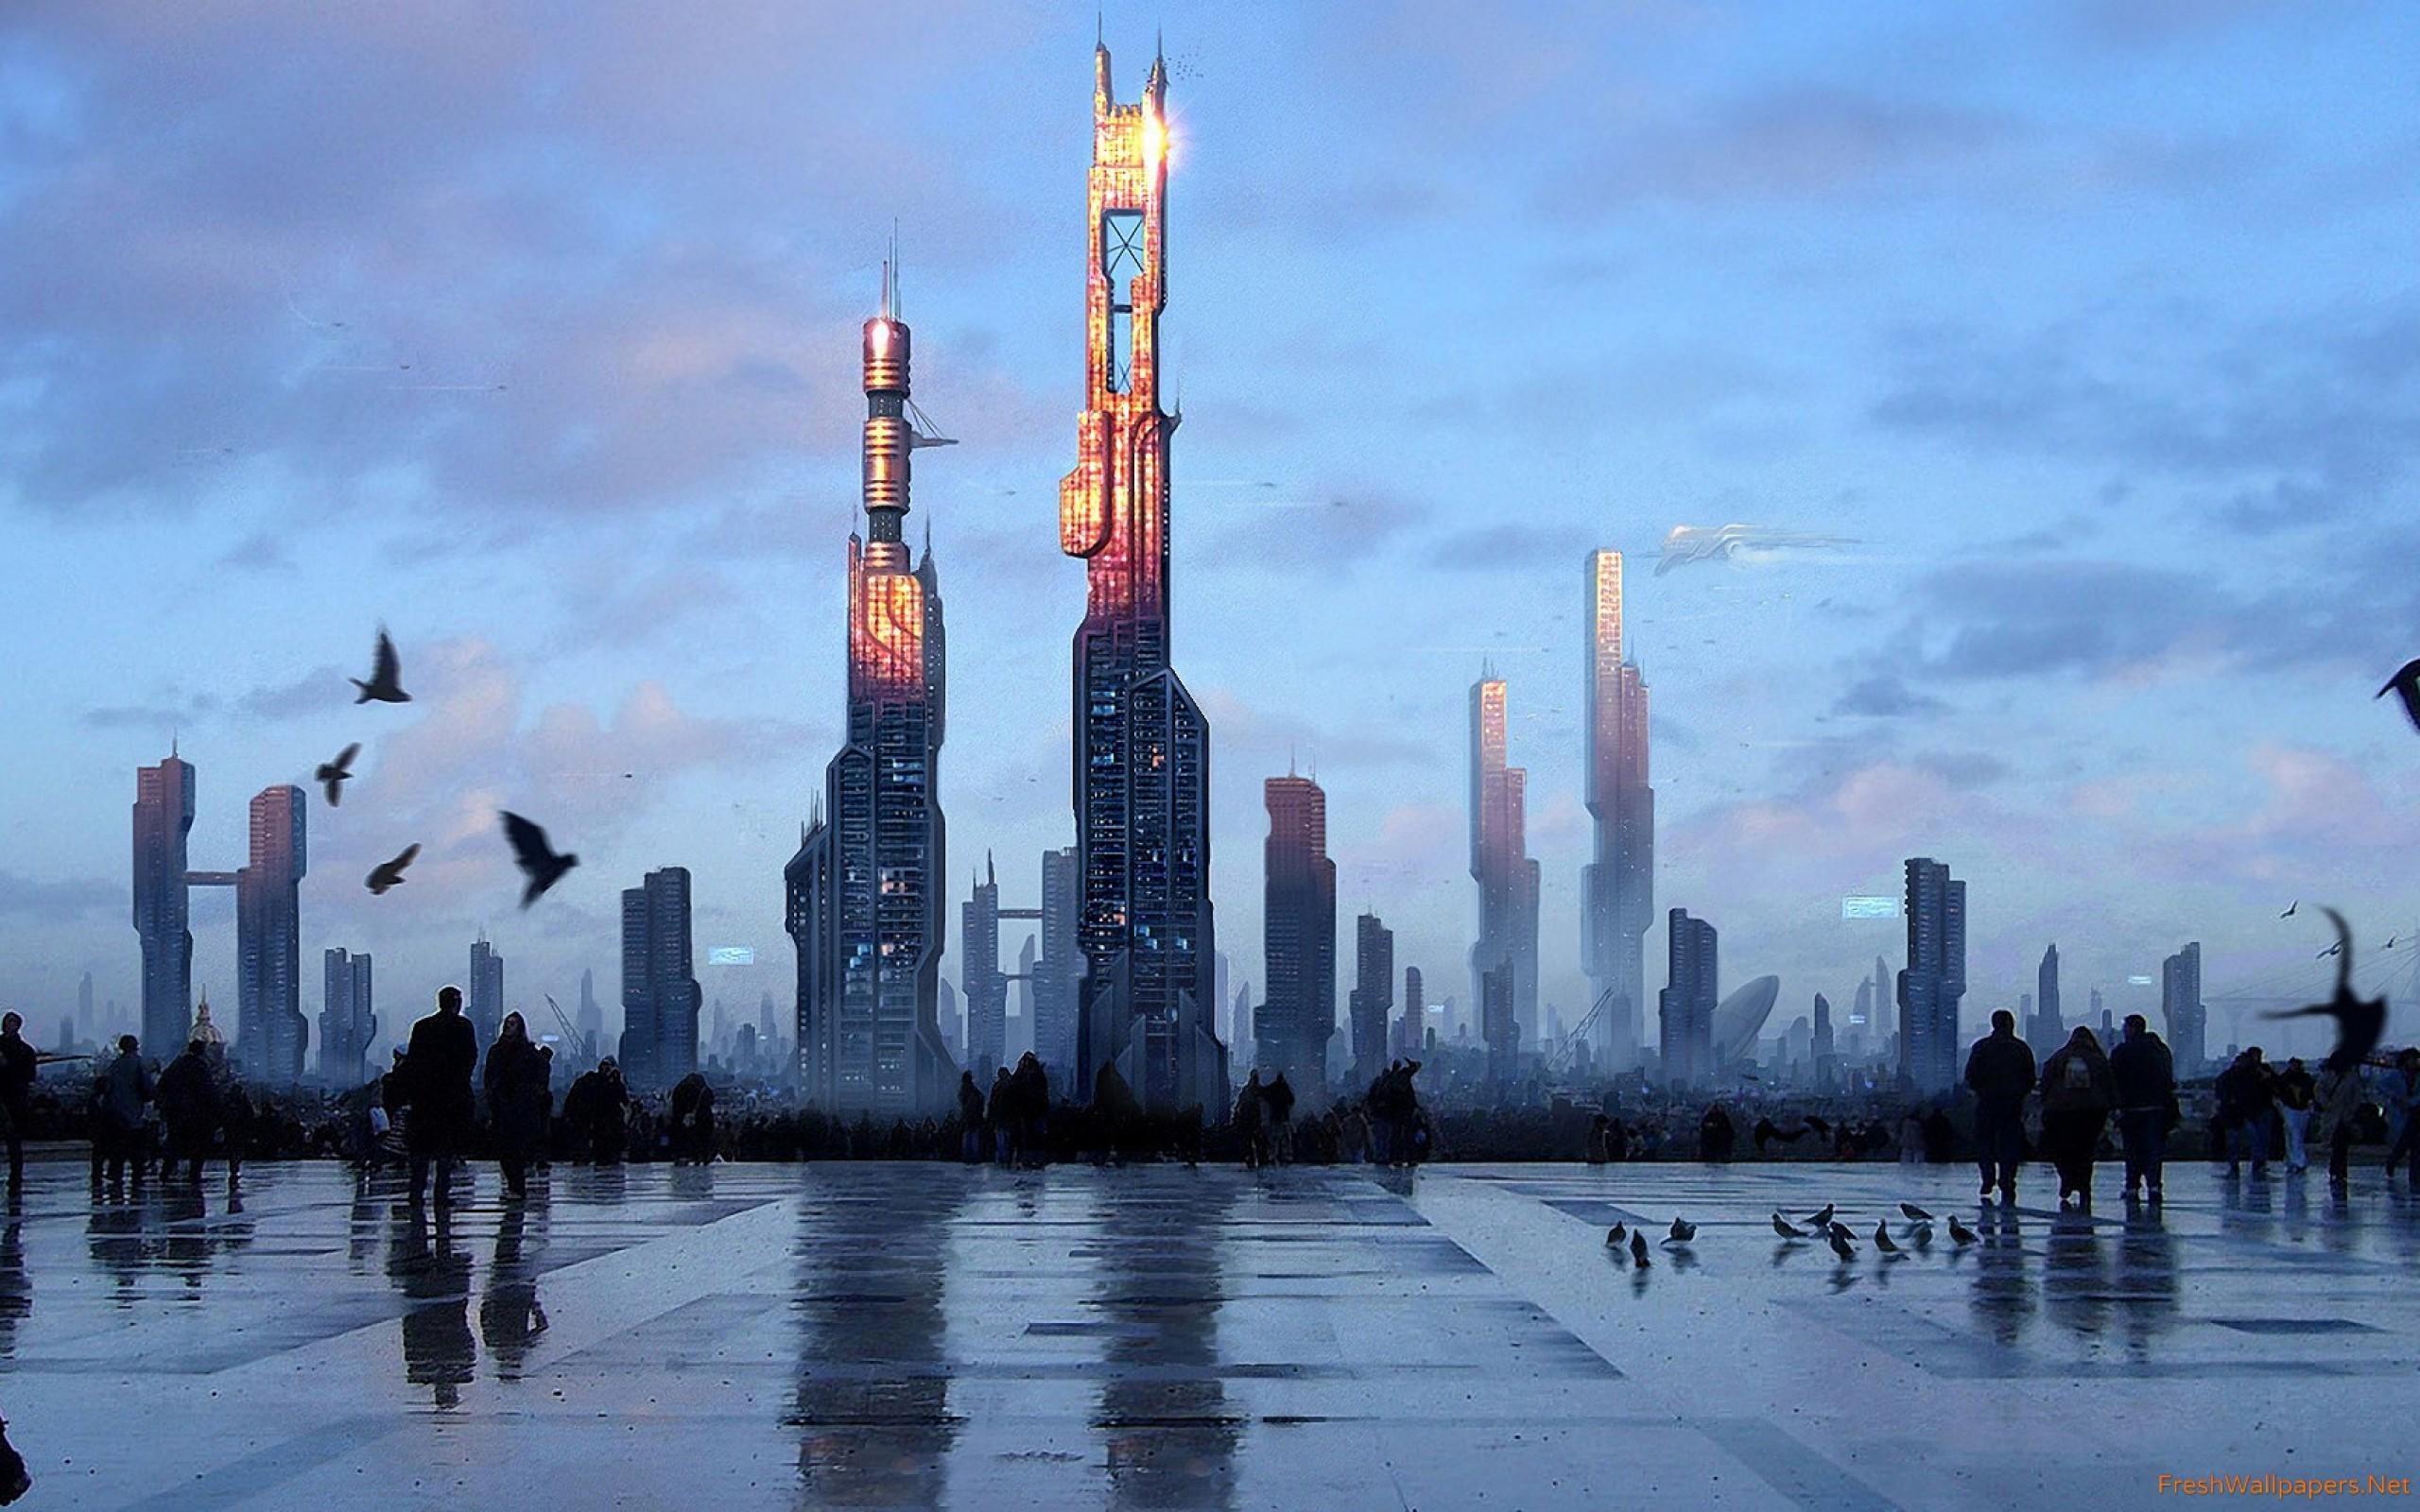 Explore Sci Fi City, City Wallpaper, and more!